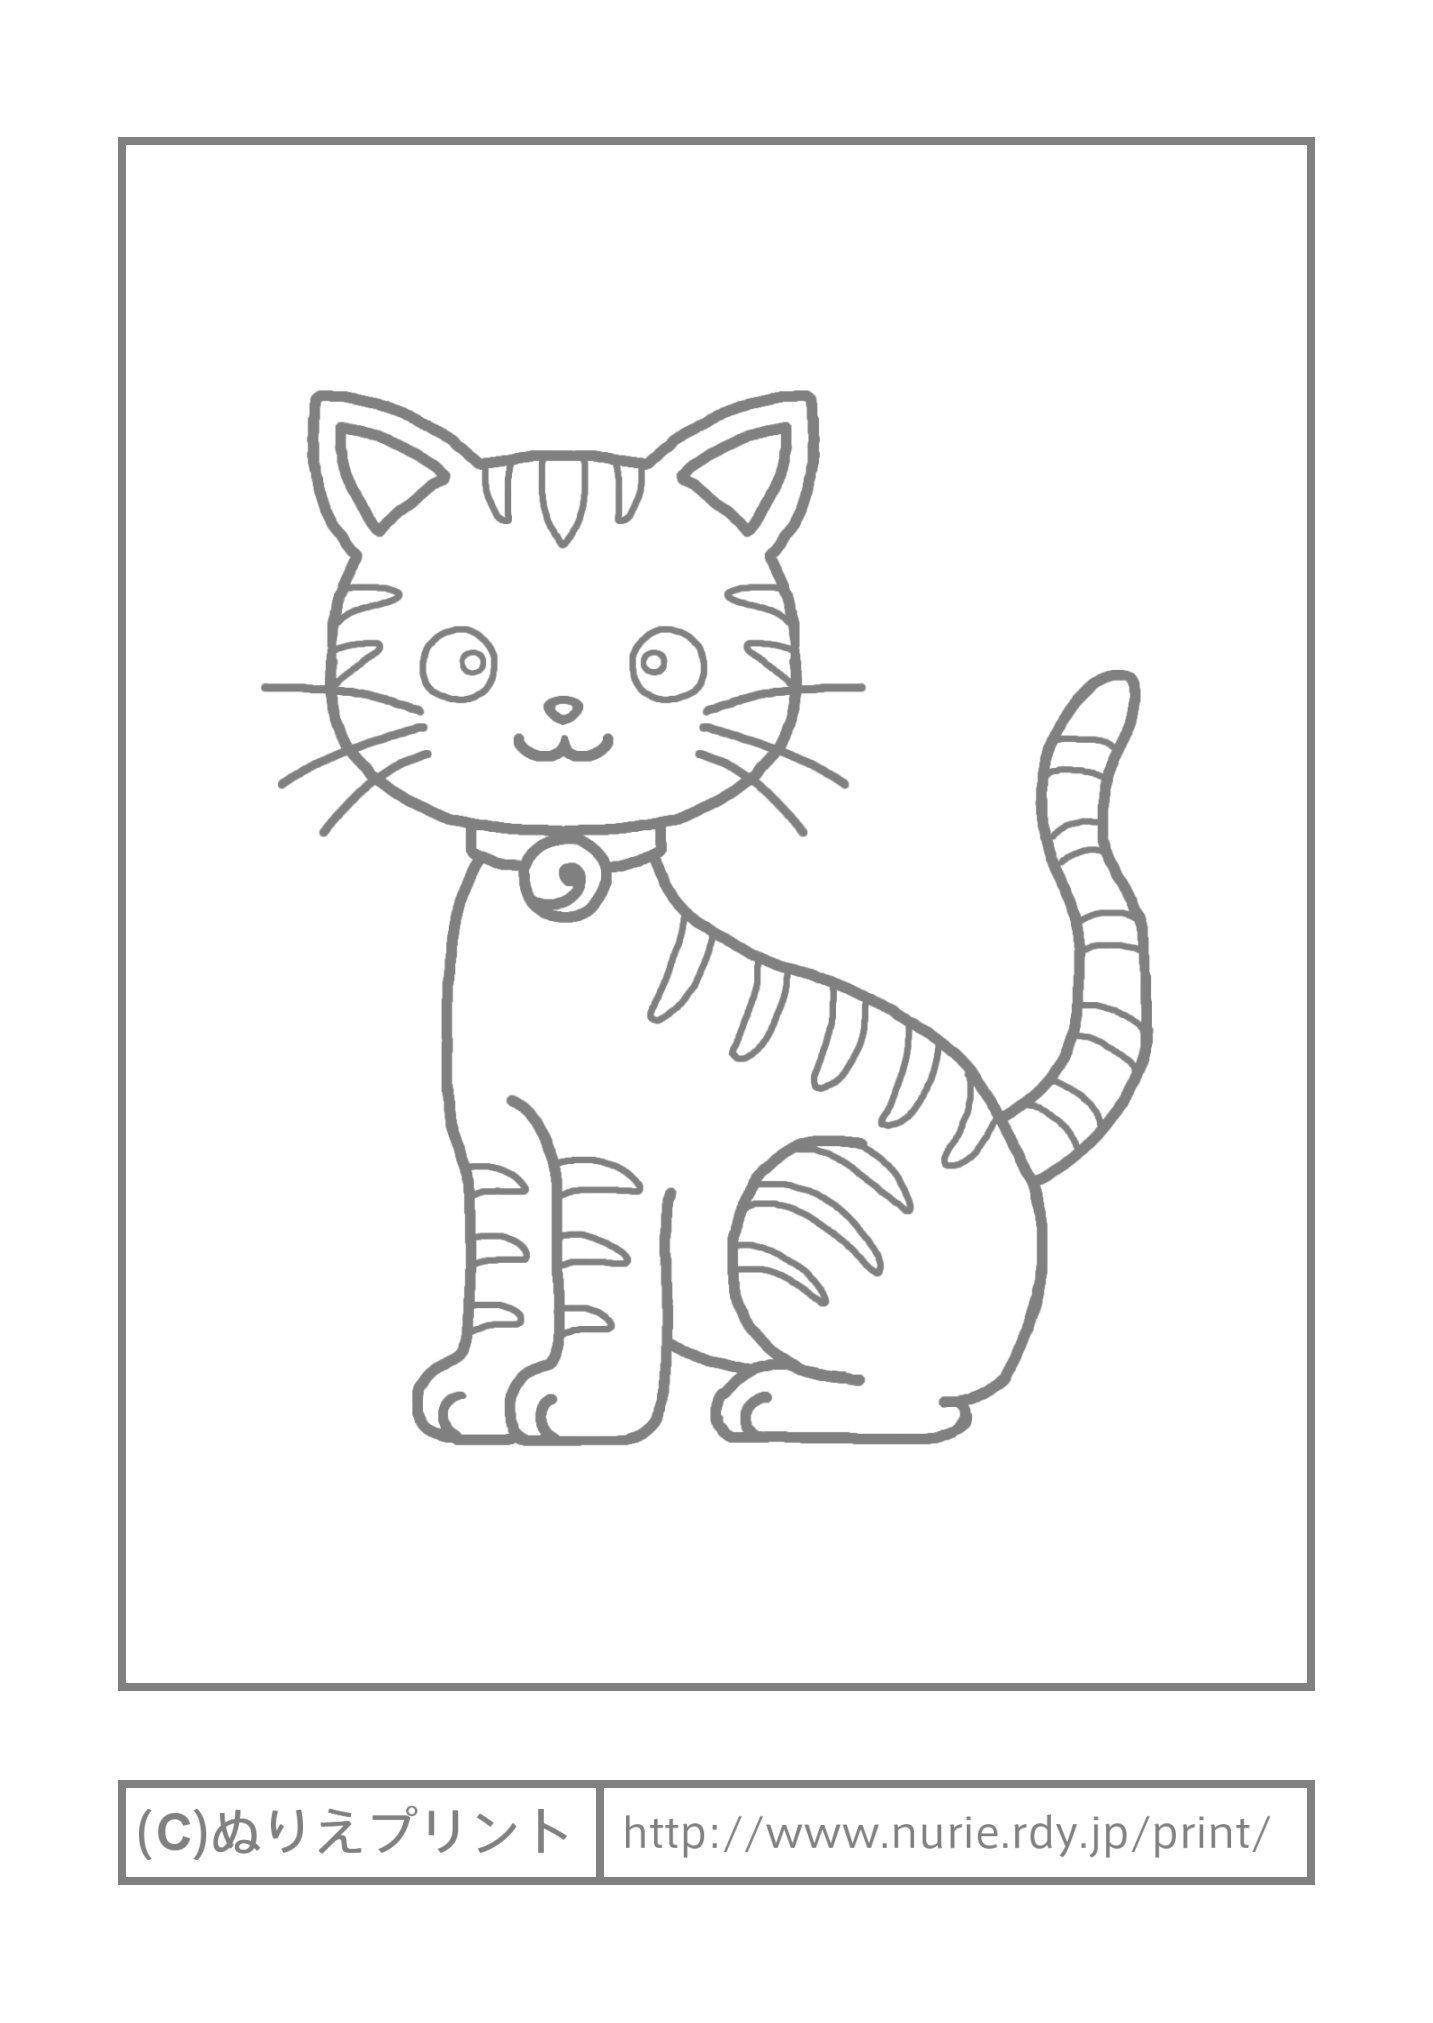 ねこ・猫2(主線・グレー)/動物/こどものぬりえ【ぬりえプリント】 | 猫